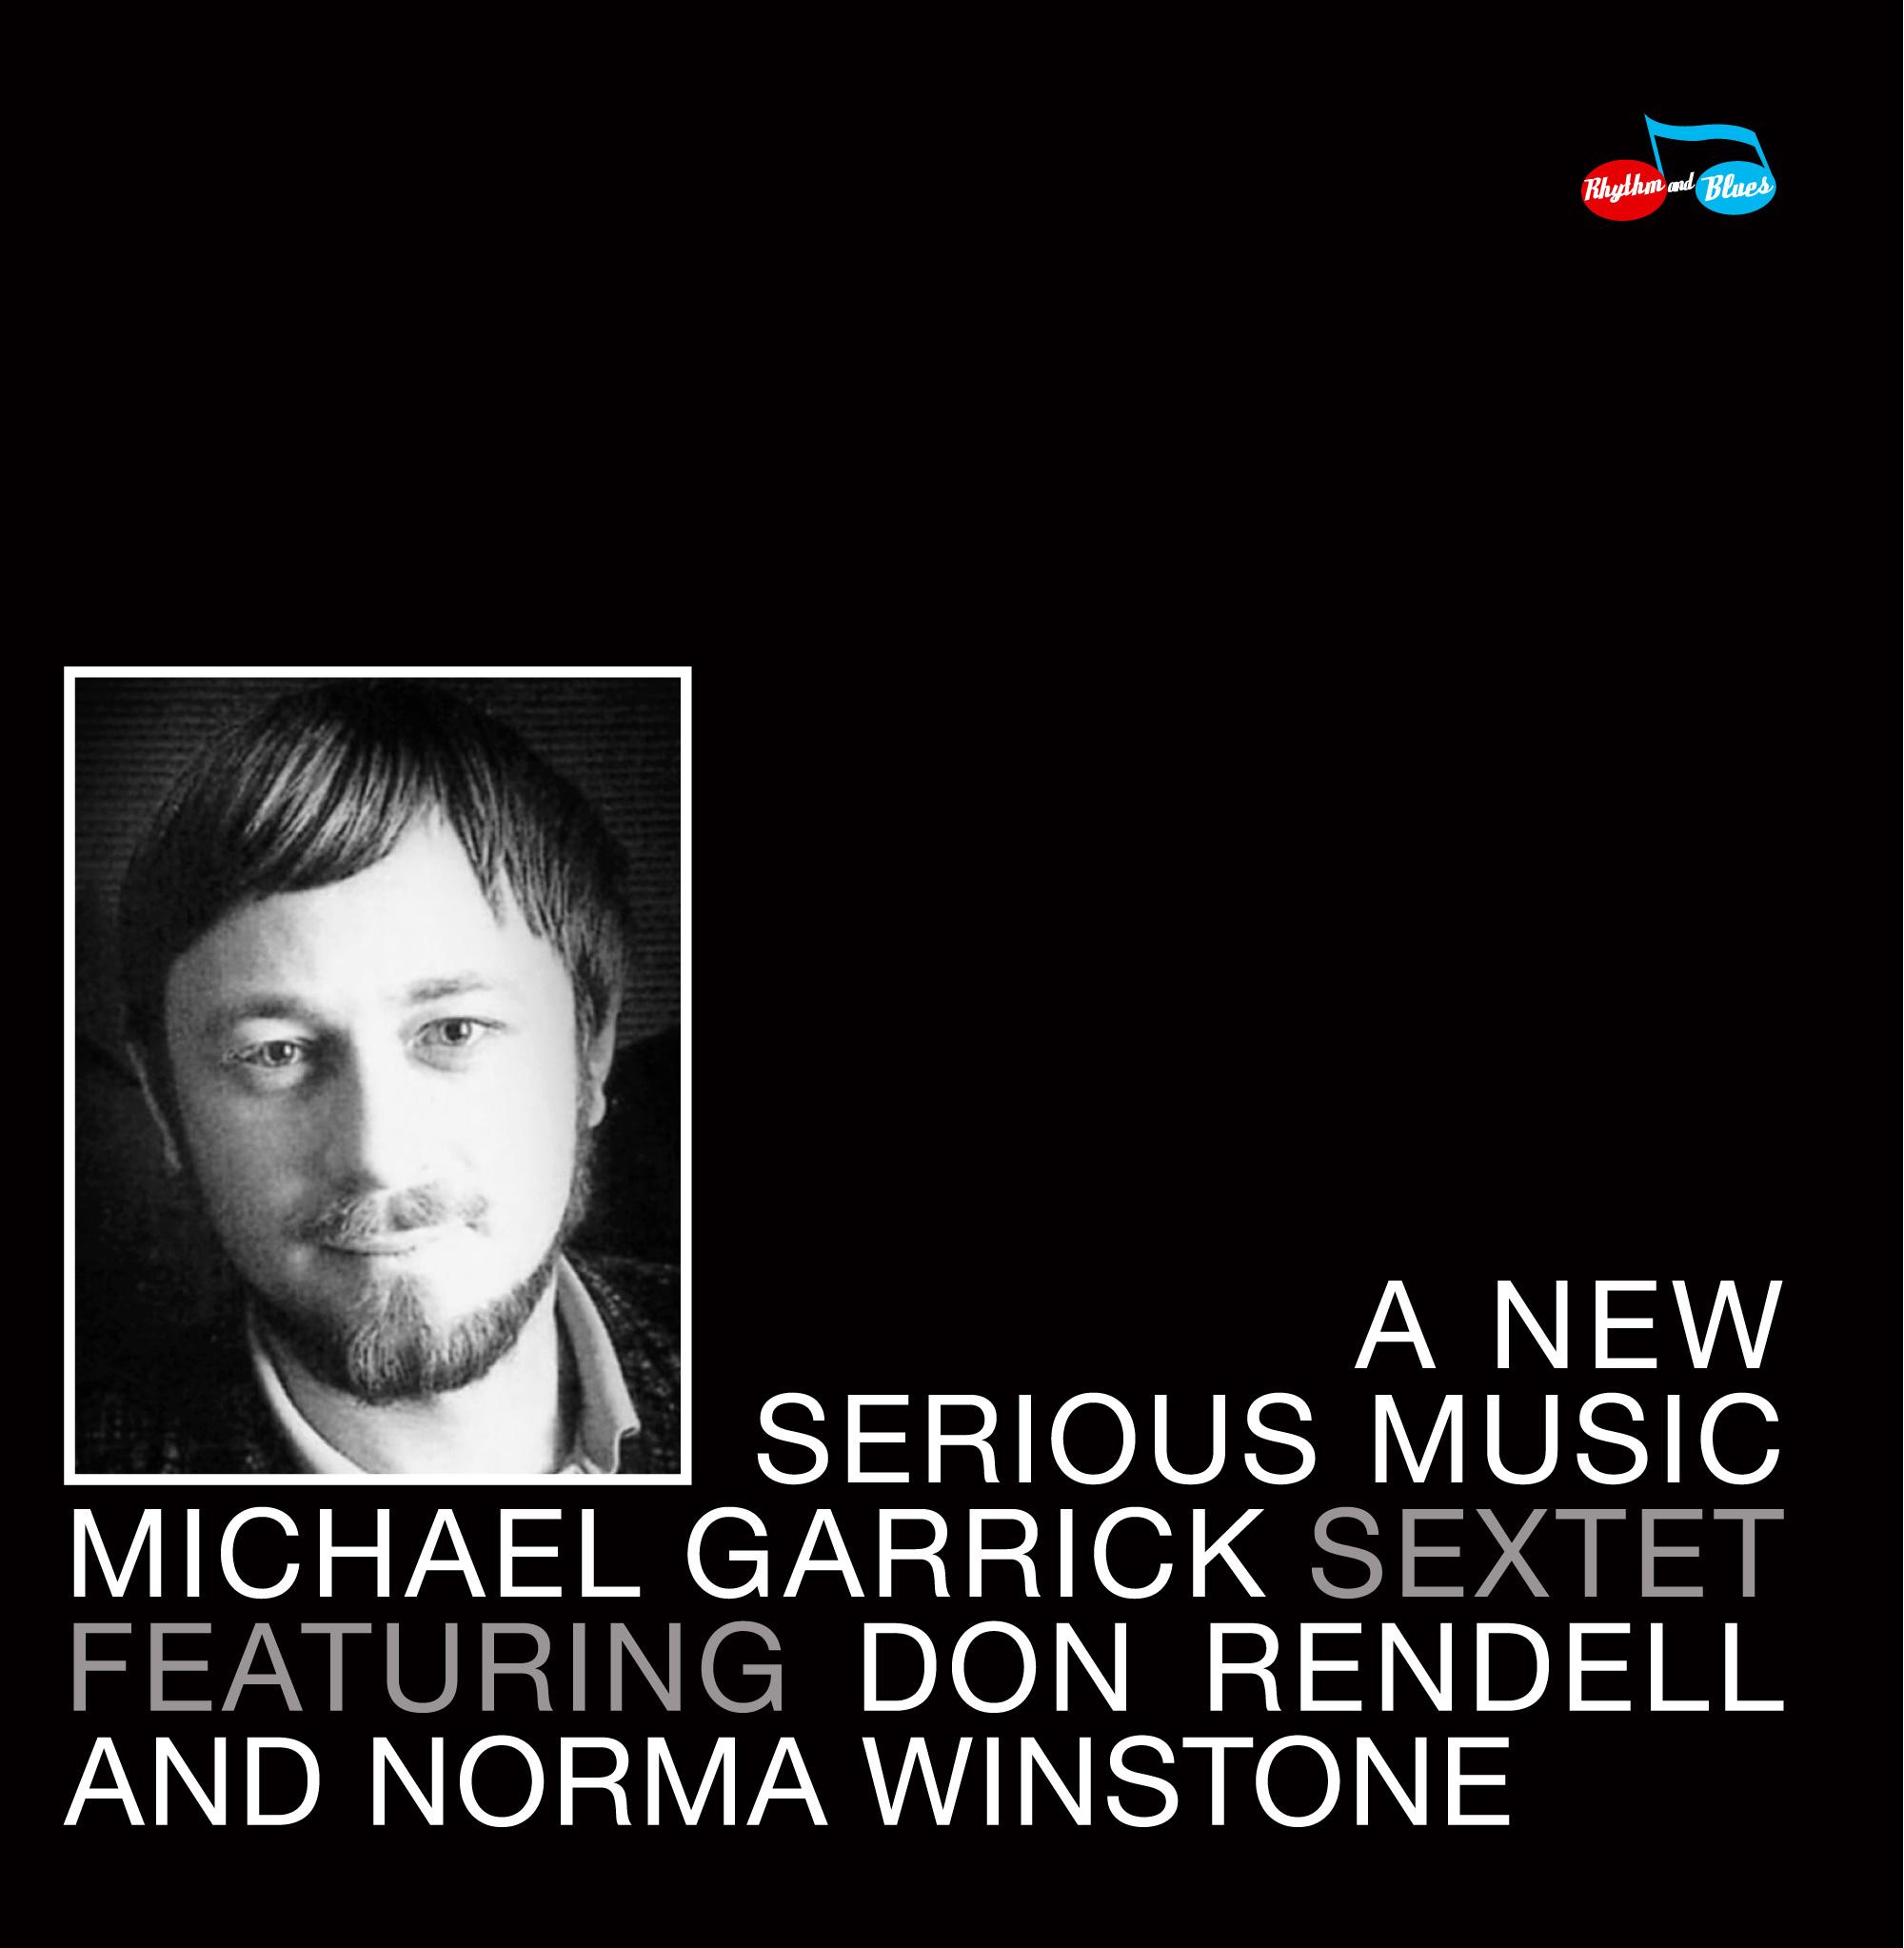 MICHAEL GARRICK - A New Serious Music cover